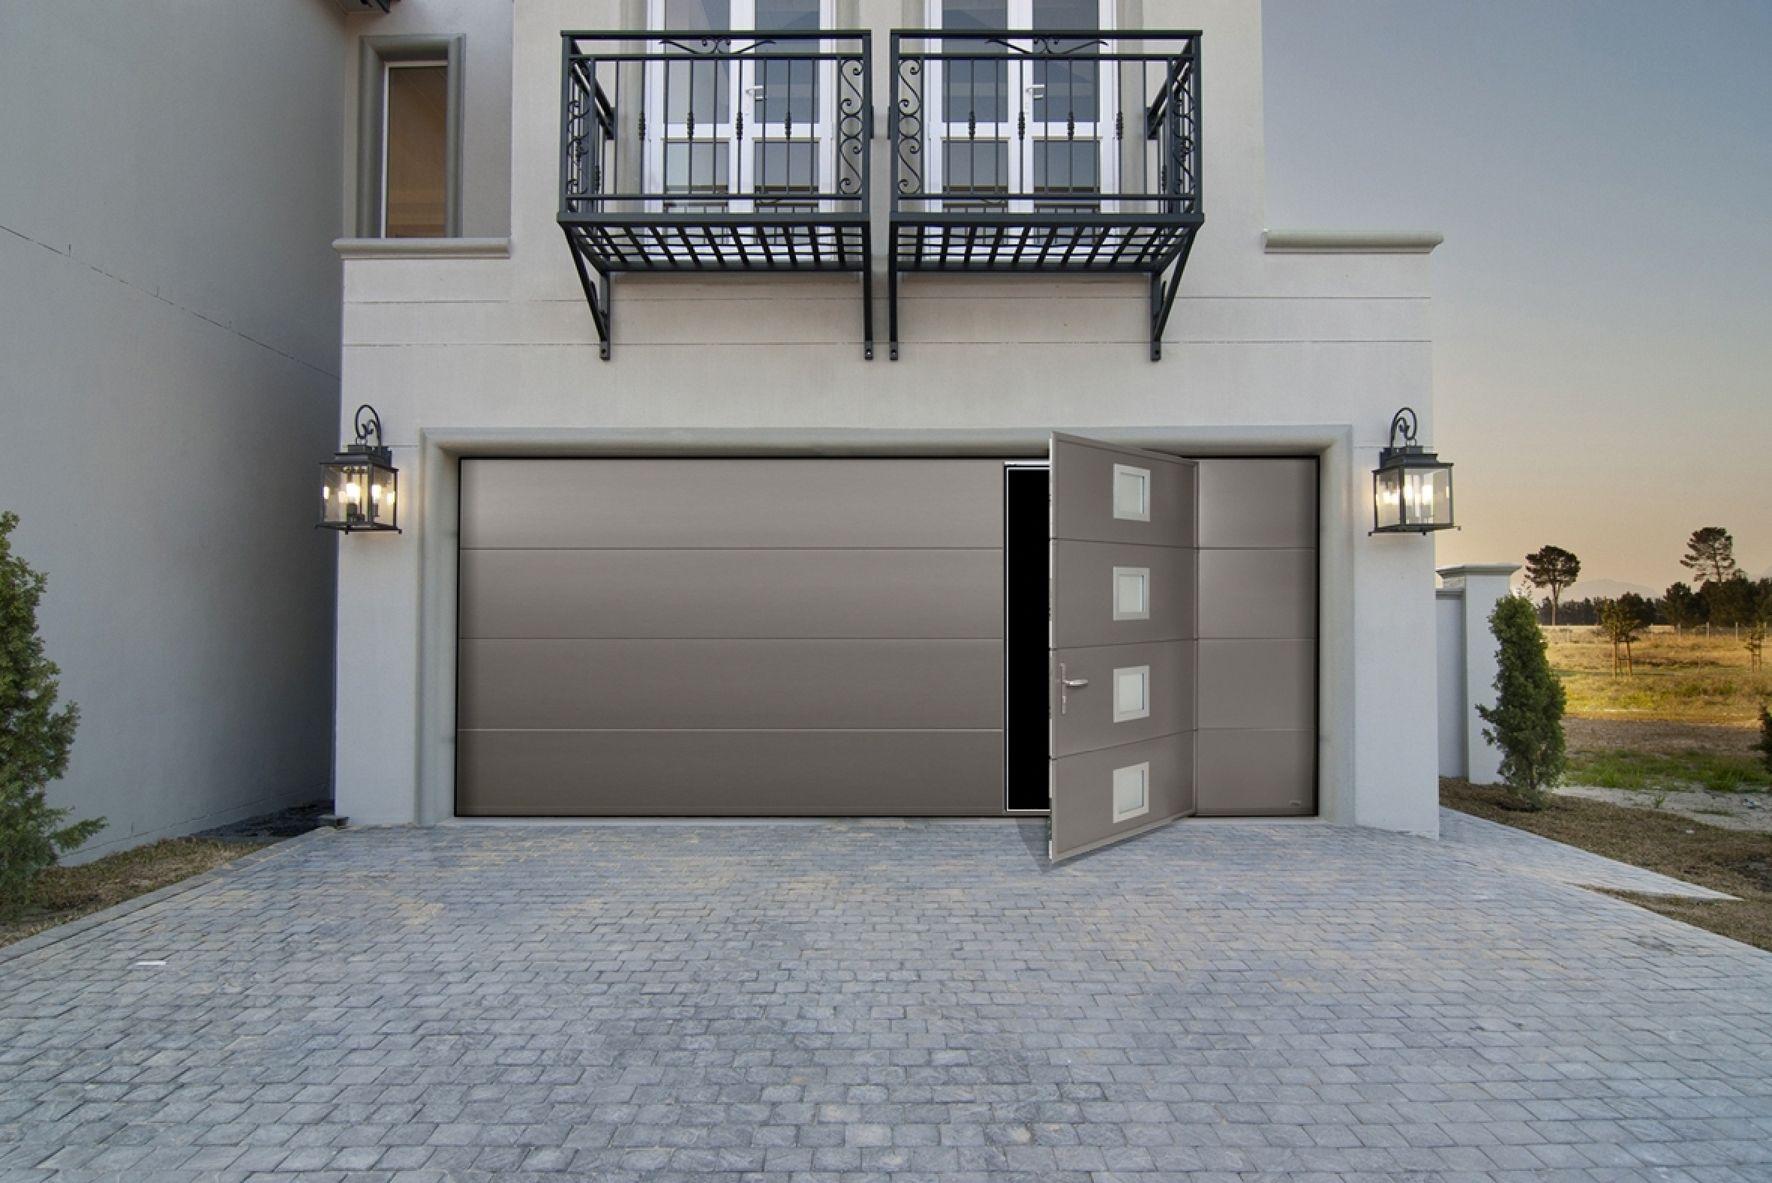 La Porte De Garage Sectionnelle Maori Vip De France Fermetures Avec Portillon Integre A Ouverture Par Le Plafond Conjugue Acces Facilite Confort Se Architektur